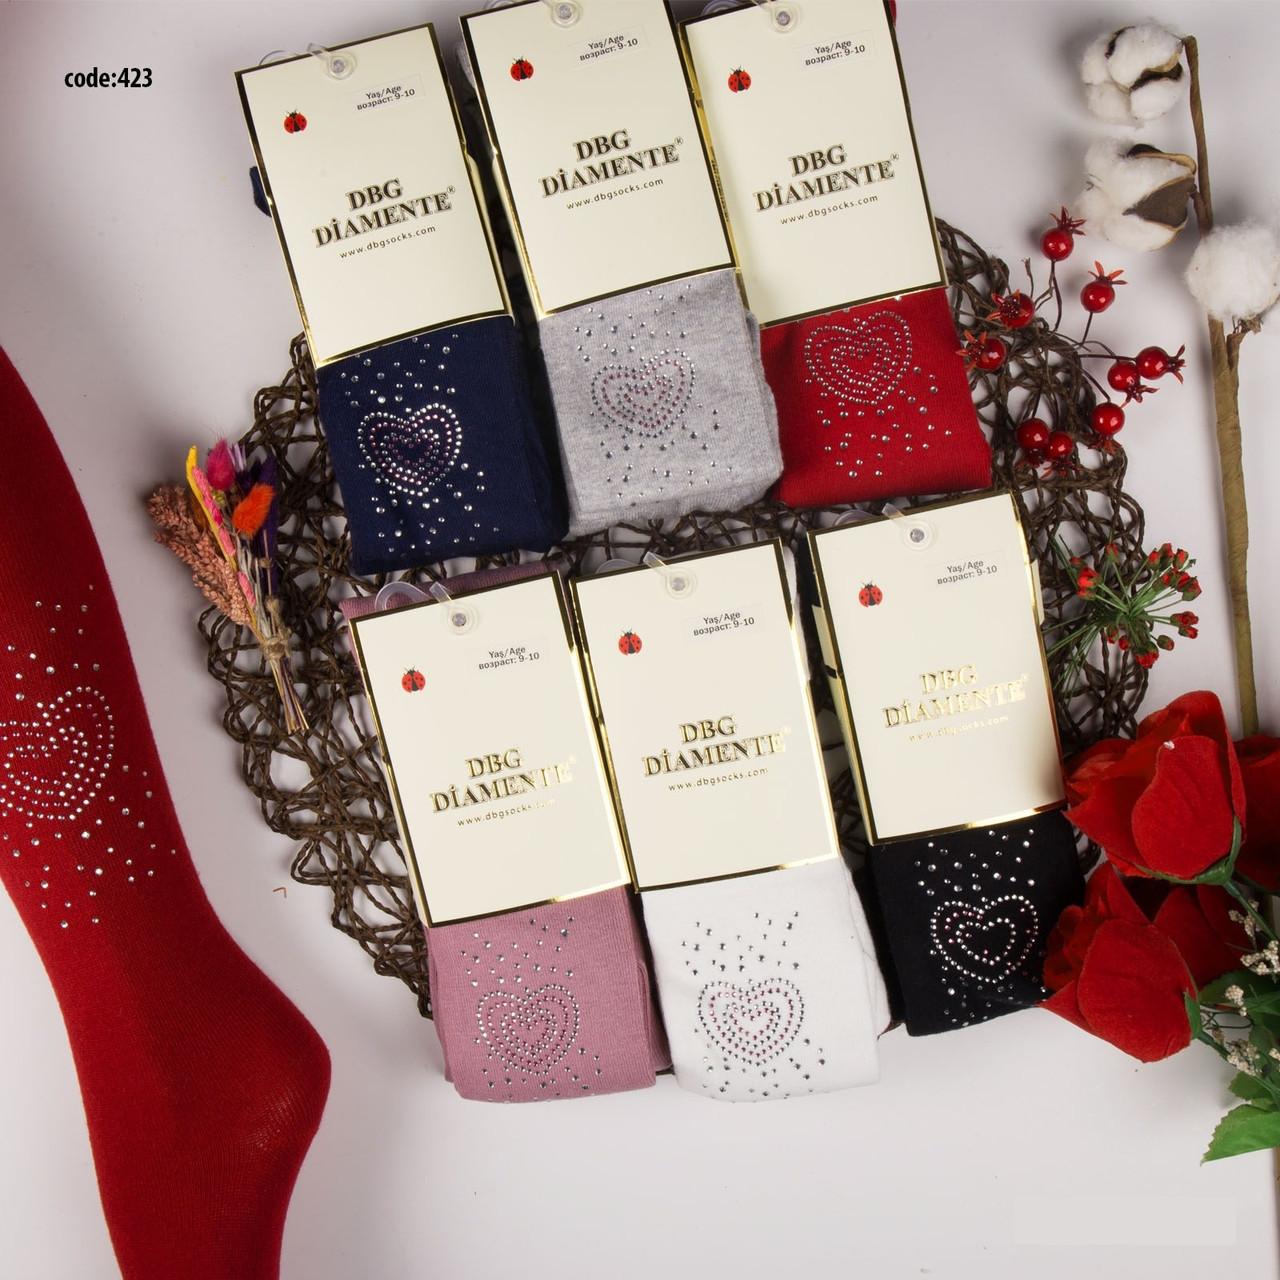 Бавовняні Колготки для дівчаток р. 9-10 років (134-140 см) ТМ DBG Diamente (кольори можуть відрізнятися!)